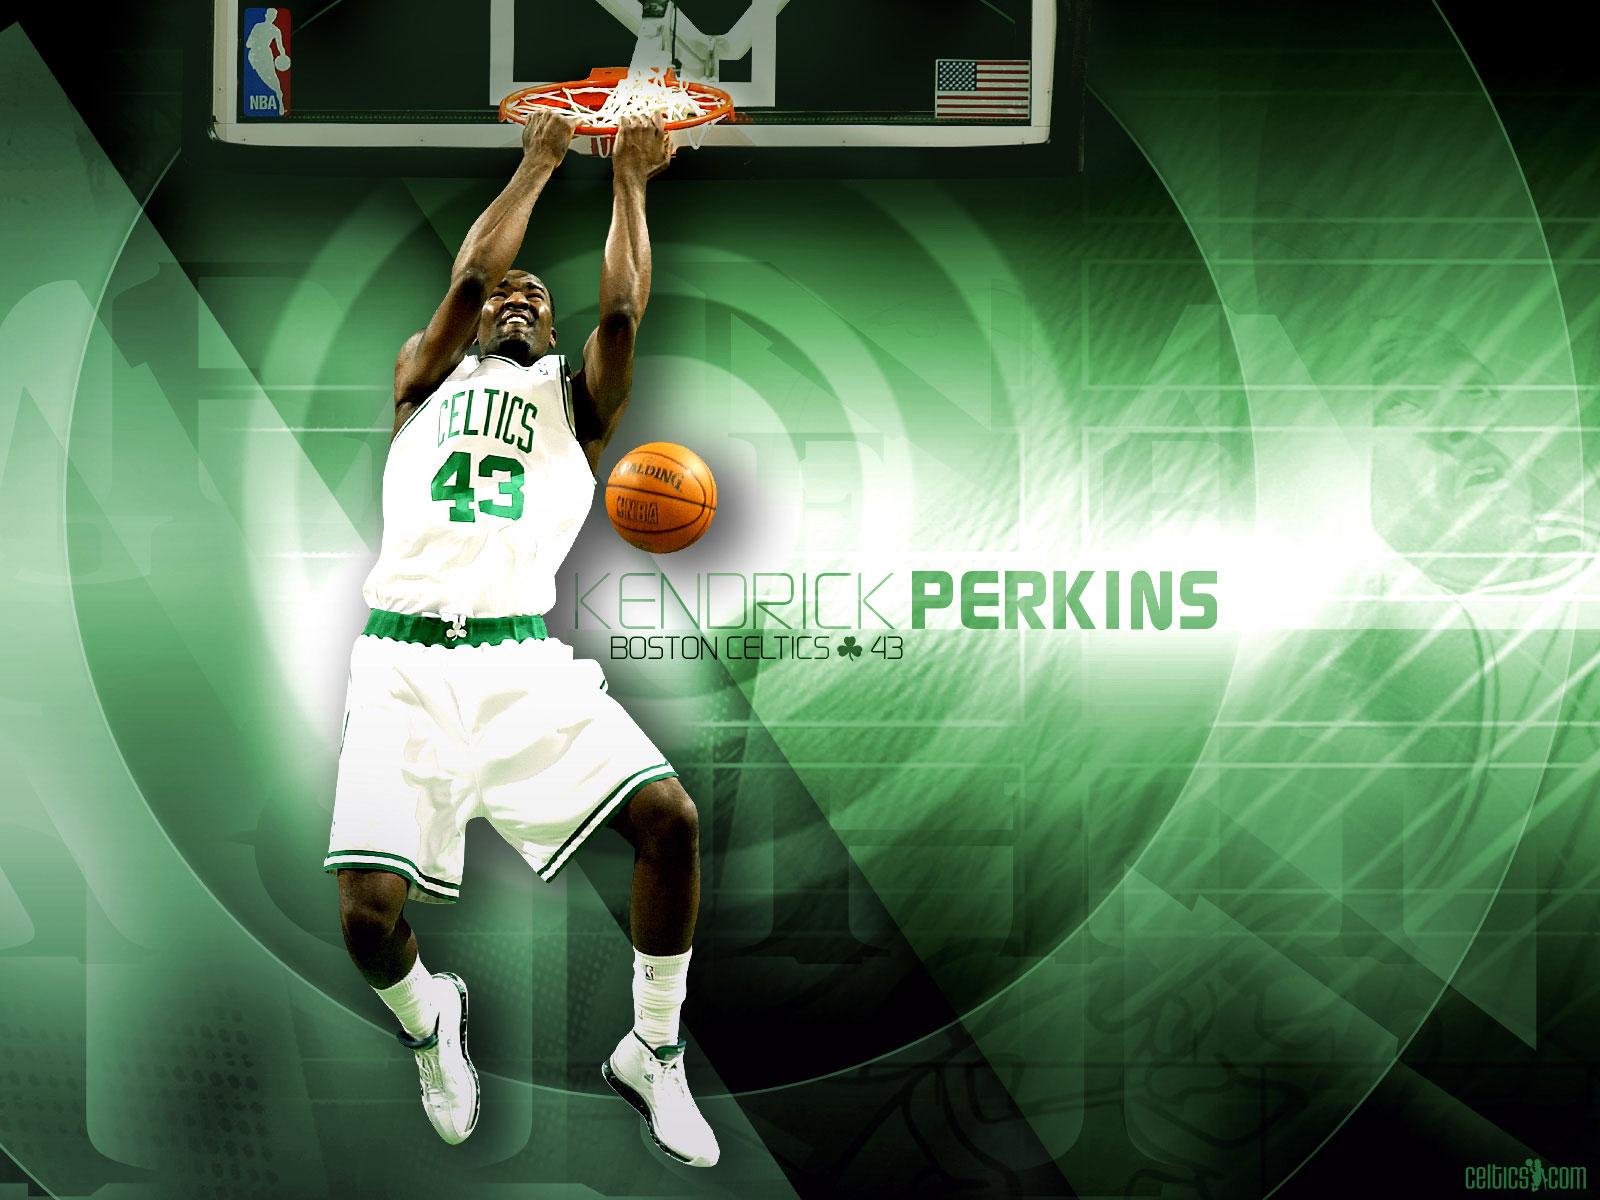 http://4.bp.blogspot.com/-vDSS8xSZ9iw/Tfz8wpFaIgI/AAAAAAAACHE/cShpxFHiObk/s1600/Kendrick-Perkins-Celtics-Wallpaper.jpg